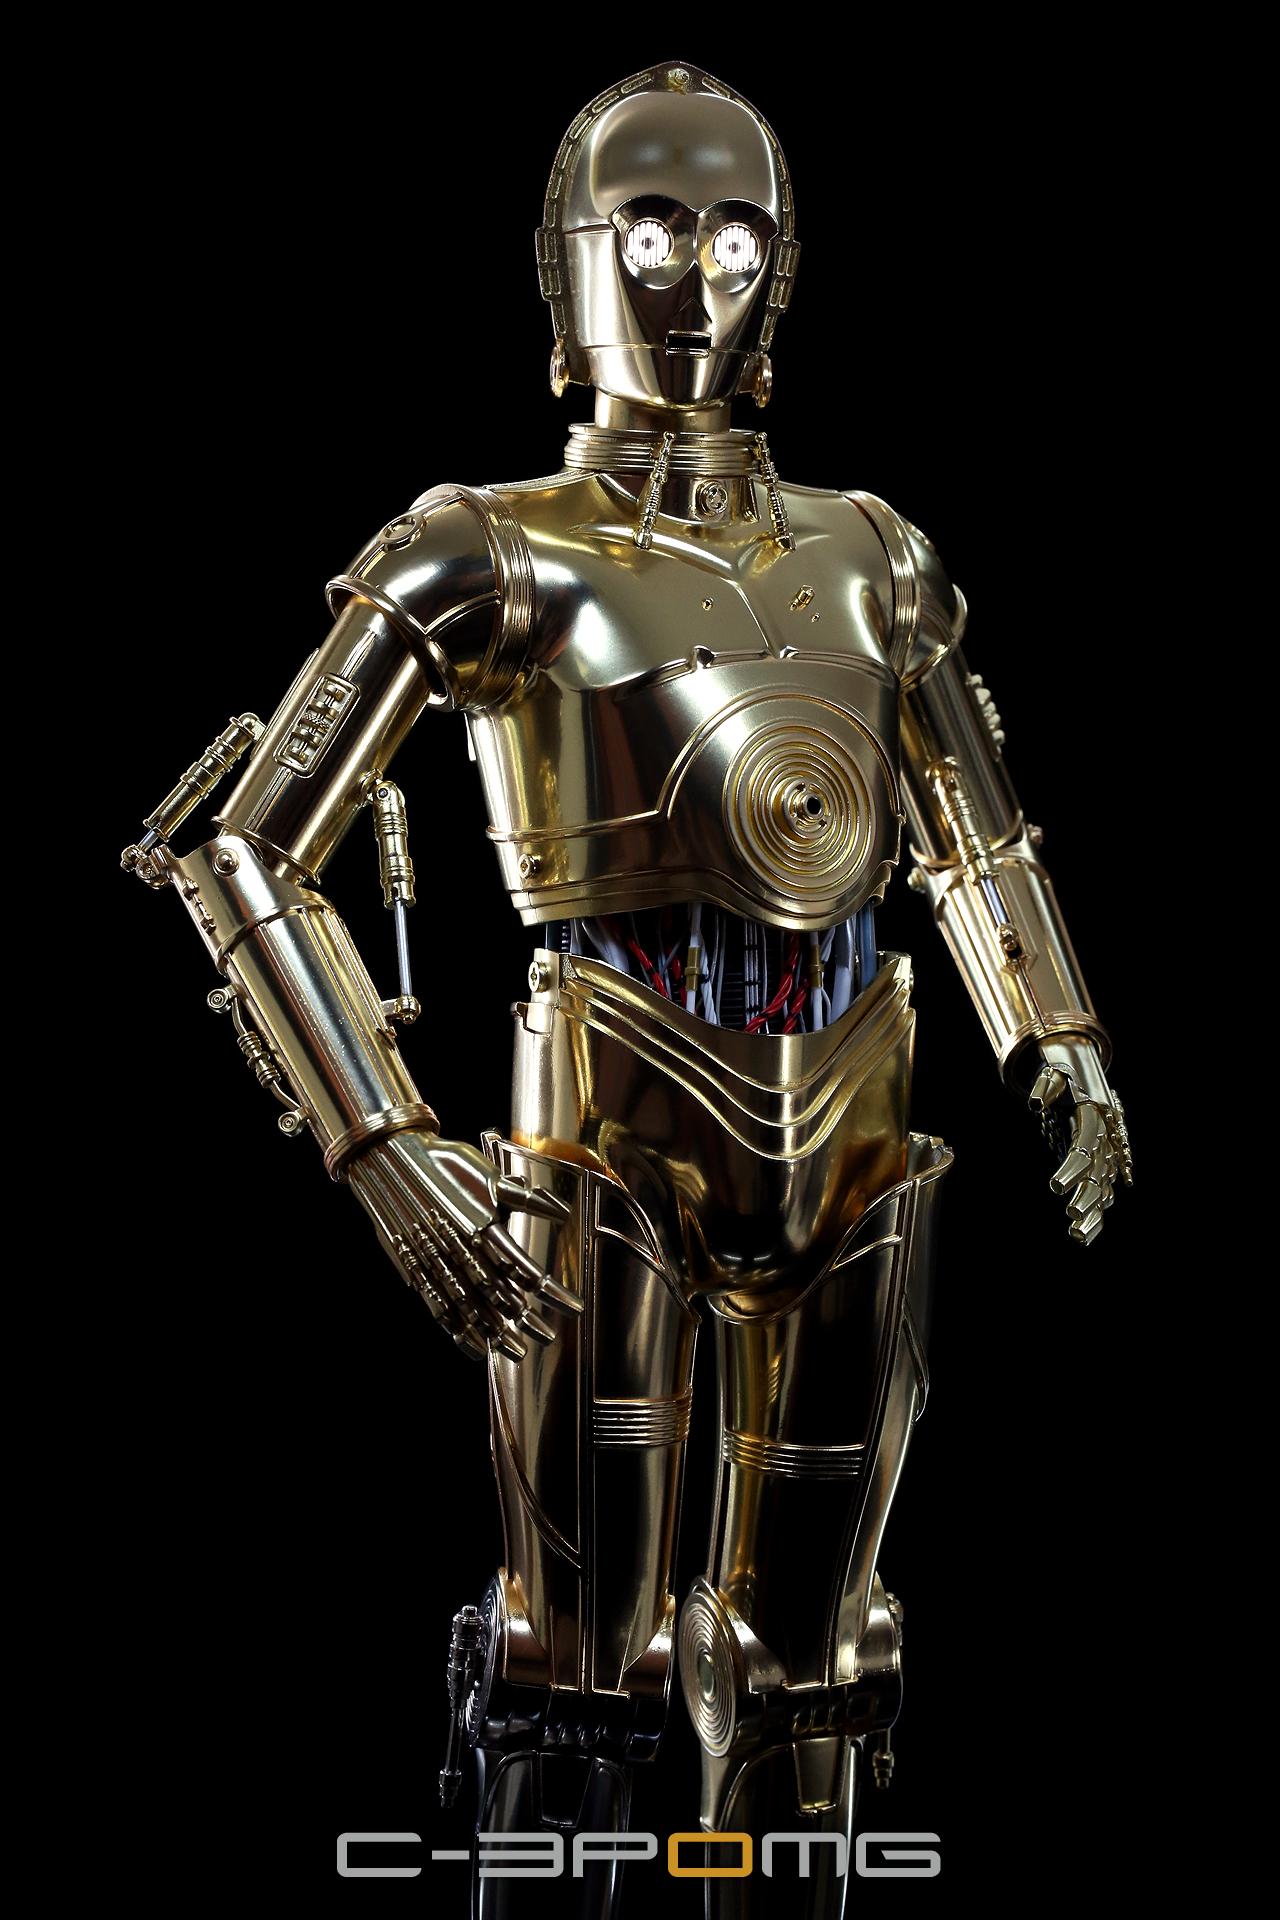 [Bandai] Star Wars: C-3PO - Perfect Model 1/6 scale - LANÇADO!!! - Página 2 C-3PO1023_zpse59062a6